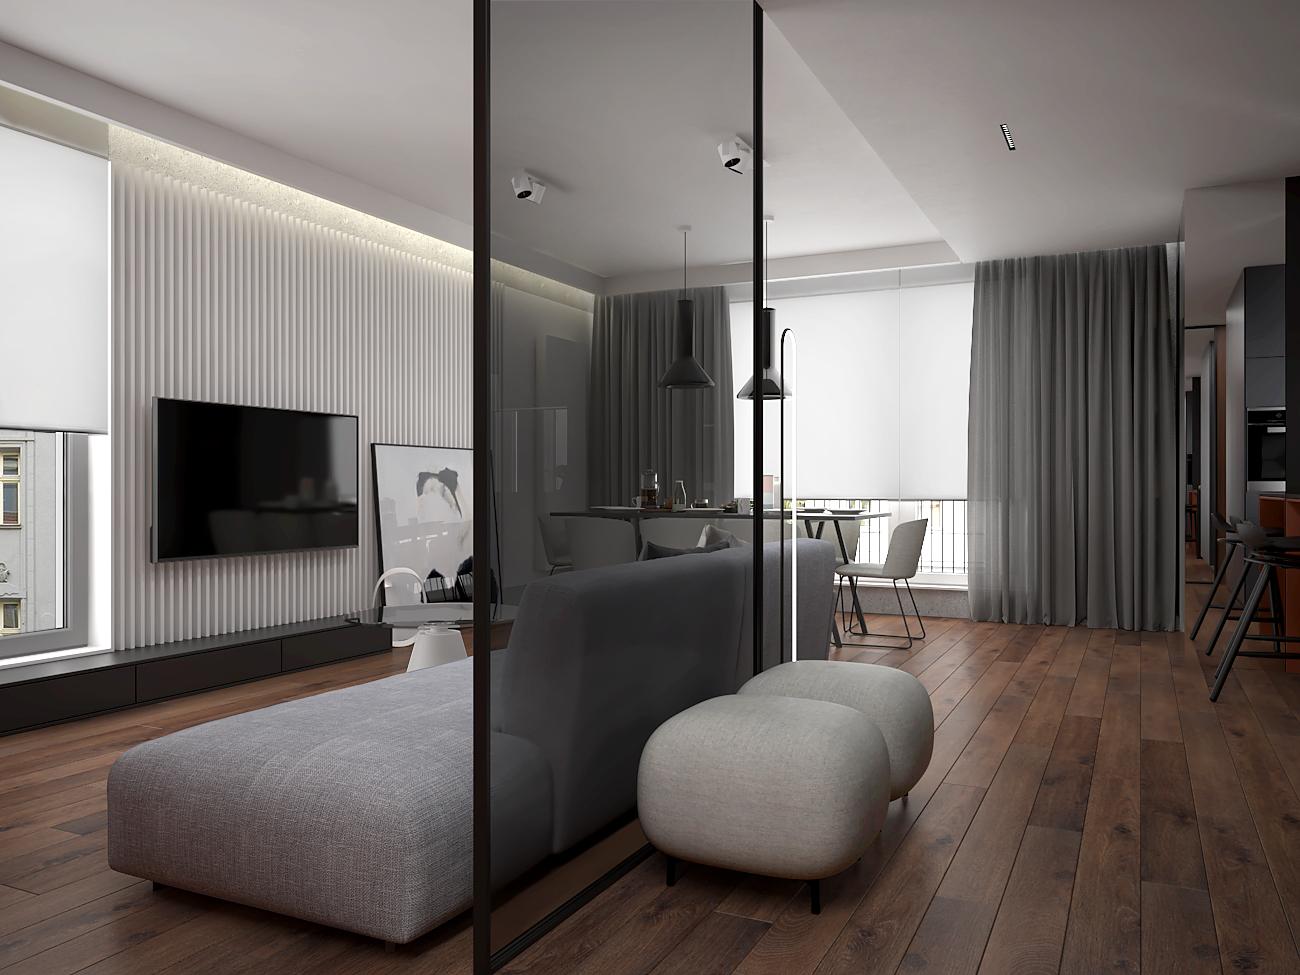 5 aranzacja wnetrza M563 mieszkanie katowice salon z kuchnia szklana sciana w czarnej ramie dwie szare pufy minimalistyczna pufa biale lamele na scienie tv